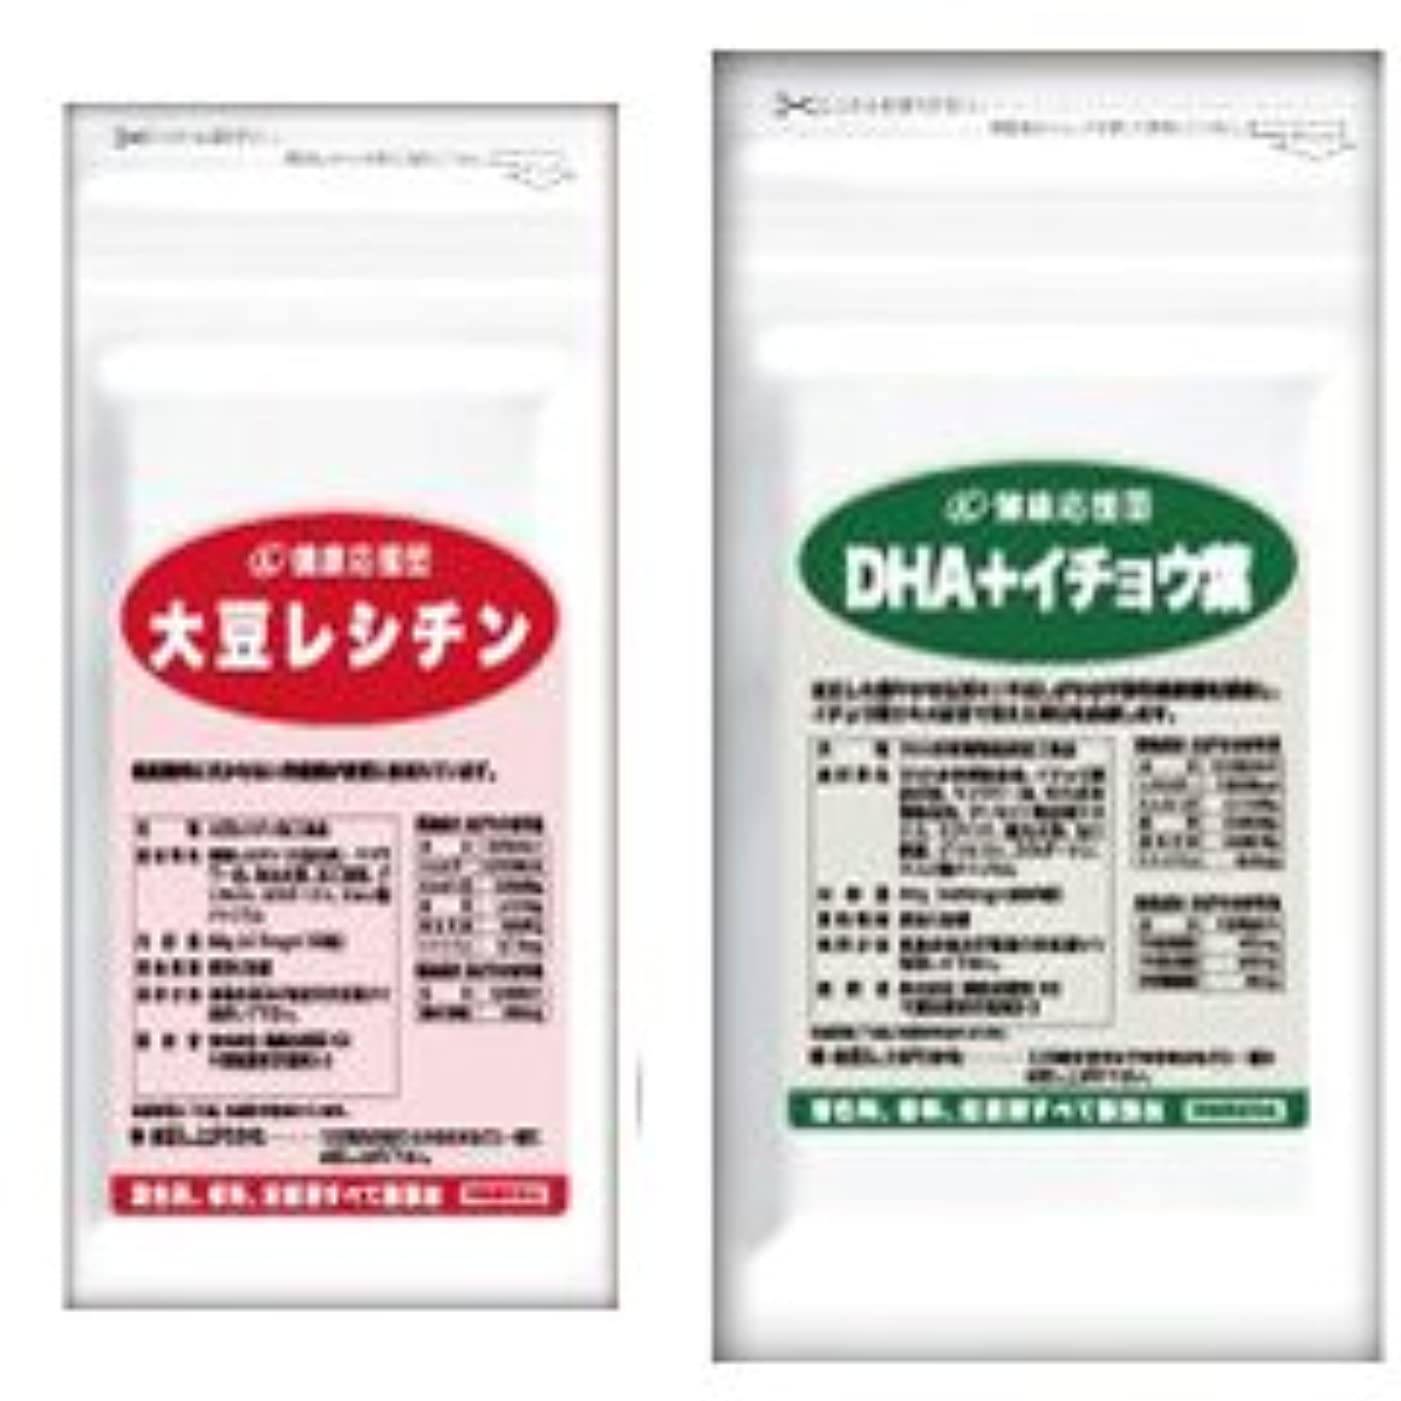 サーキュレーションチェリー味わう流れサラサラセット 大豆レシチン+(DHA+イチョウ葉) (DHA?EPA?イチョウ葉)